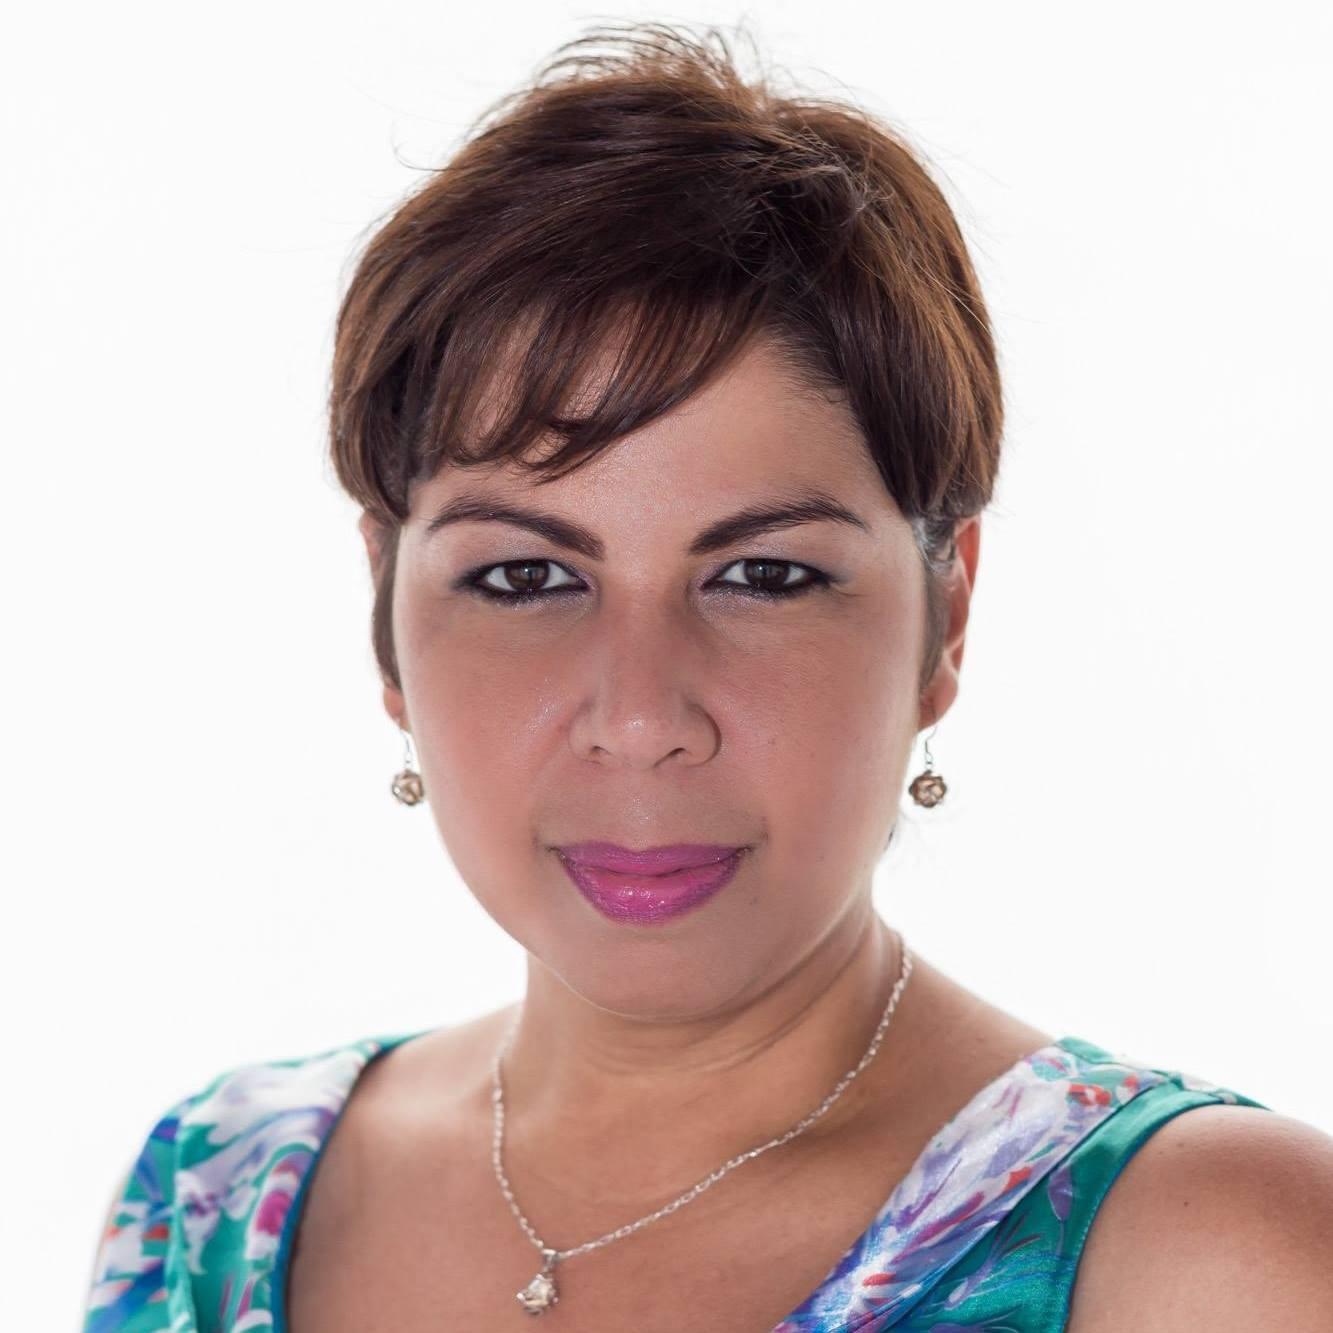 Mariela Llovera